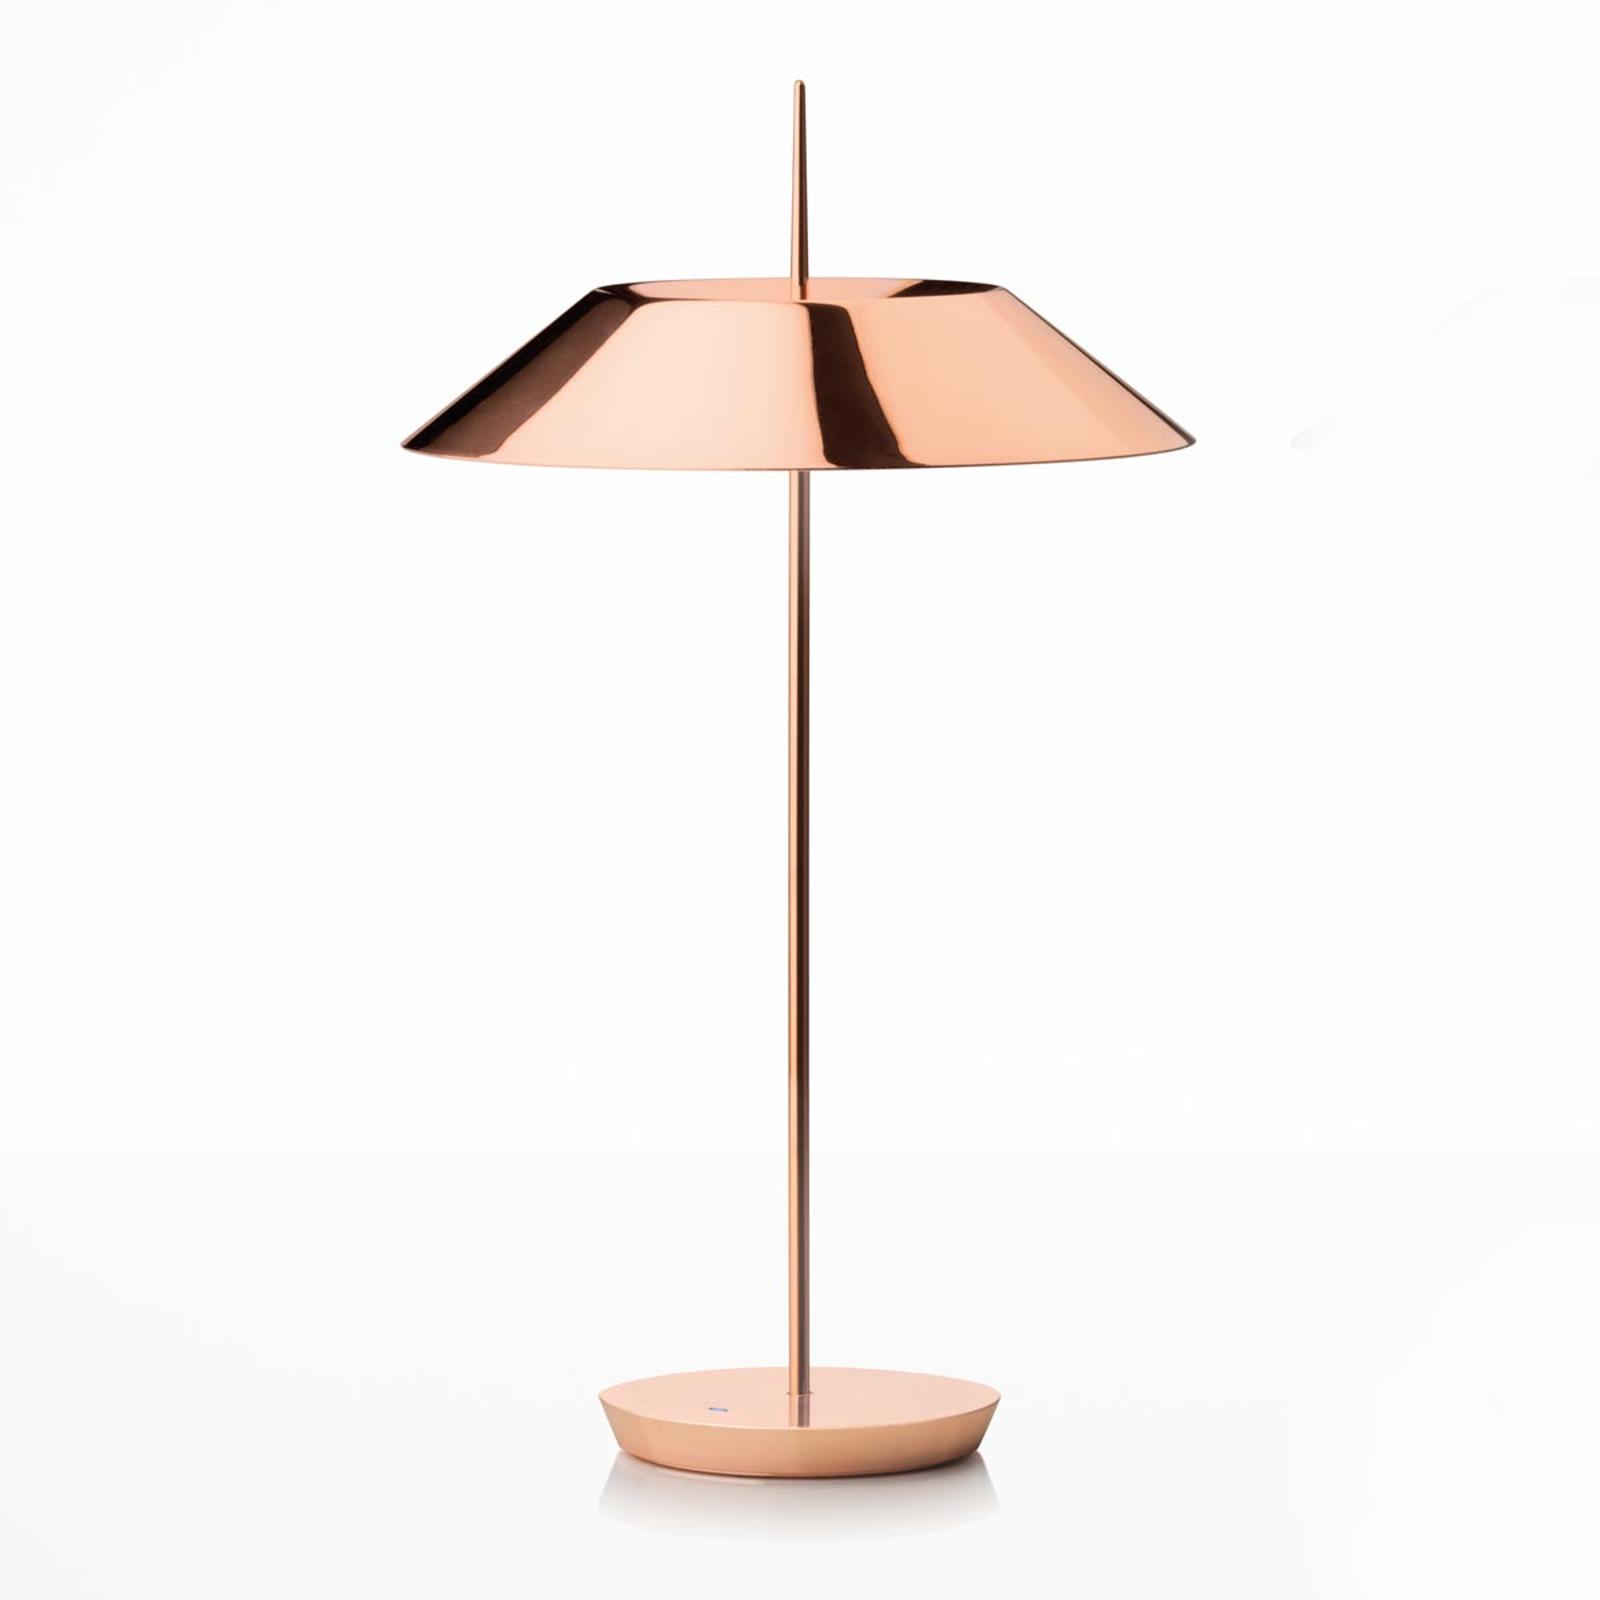 Vibia Mayfair LED-Tischlampe, kupfer glänzend